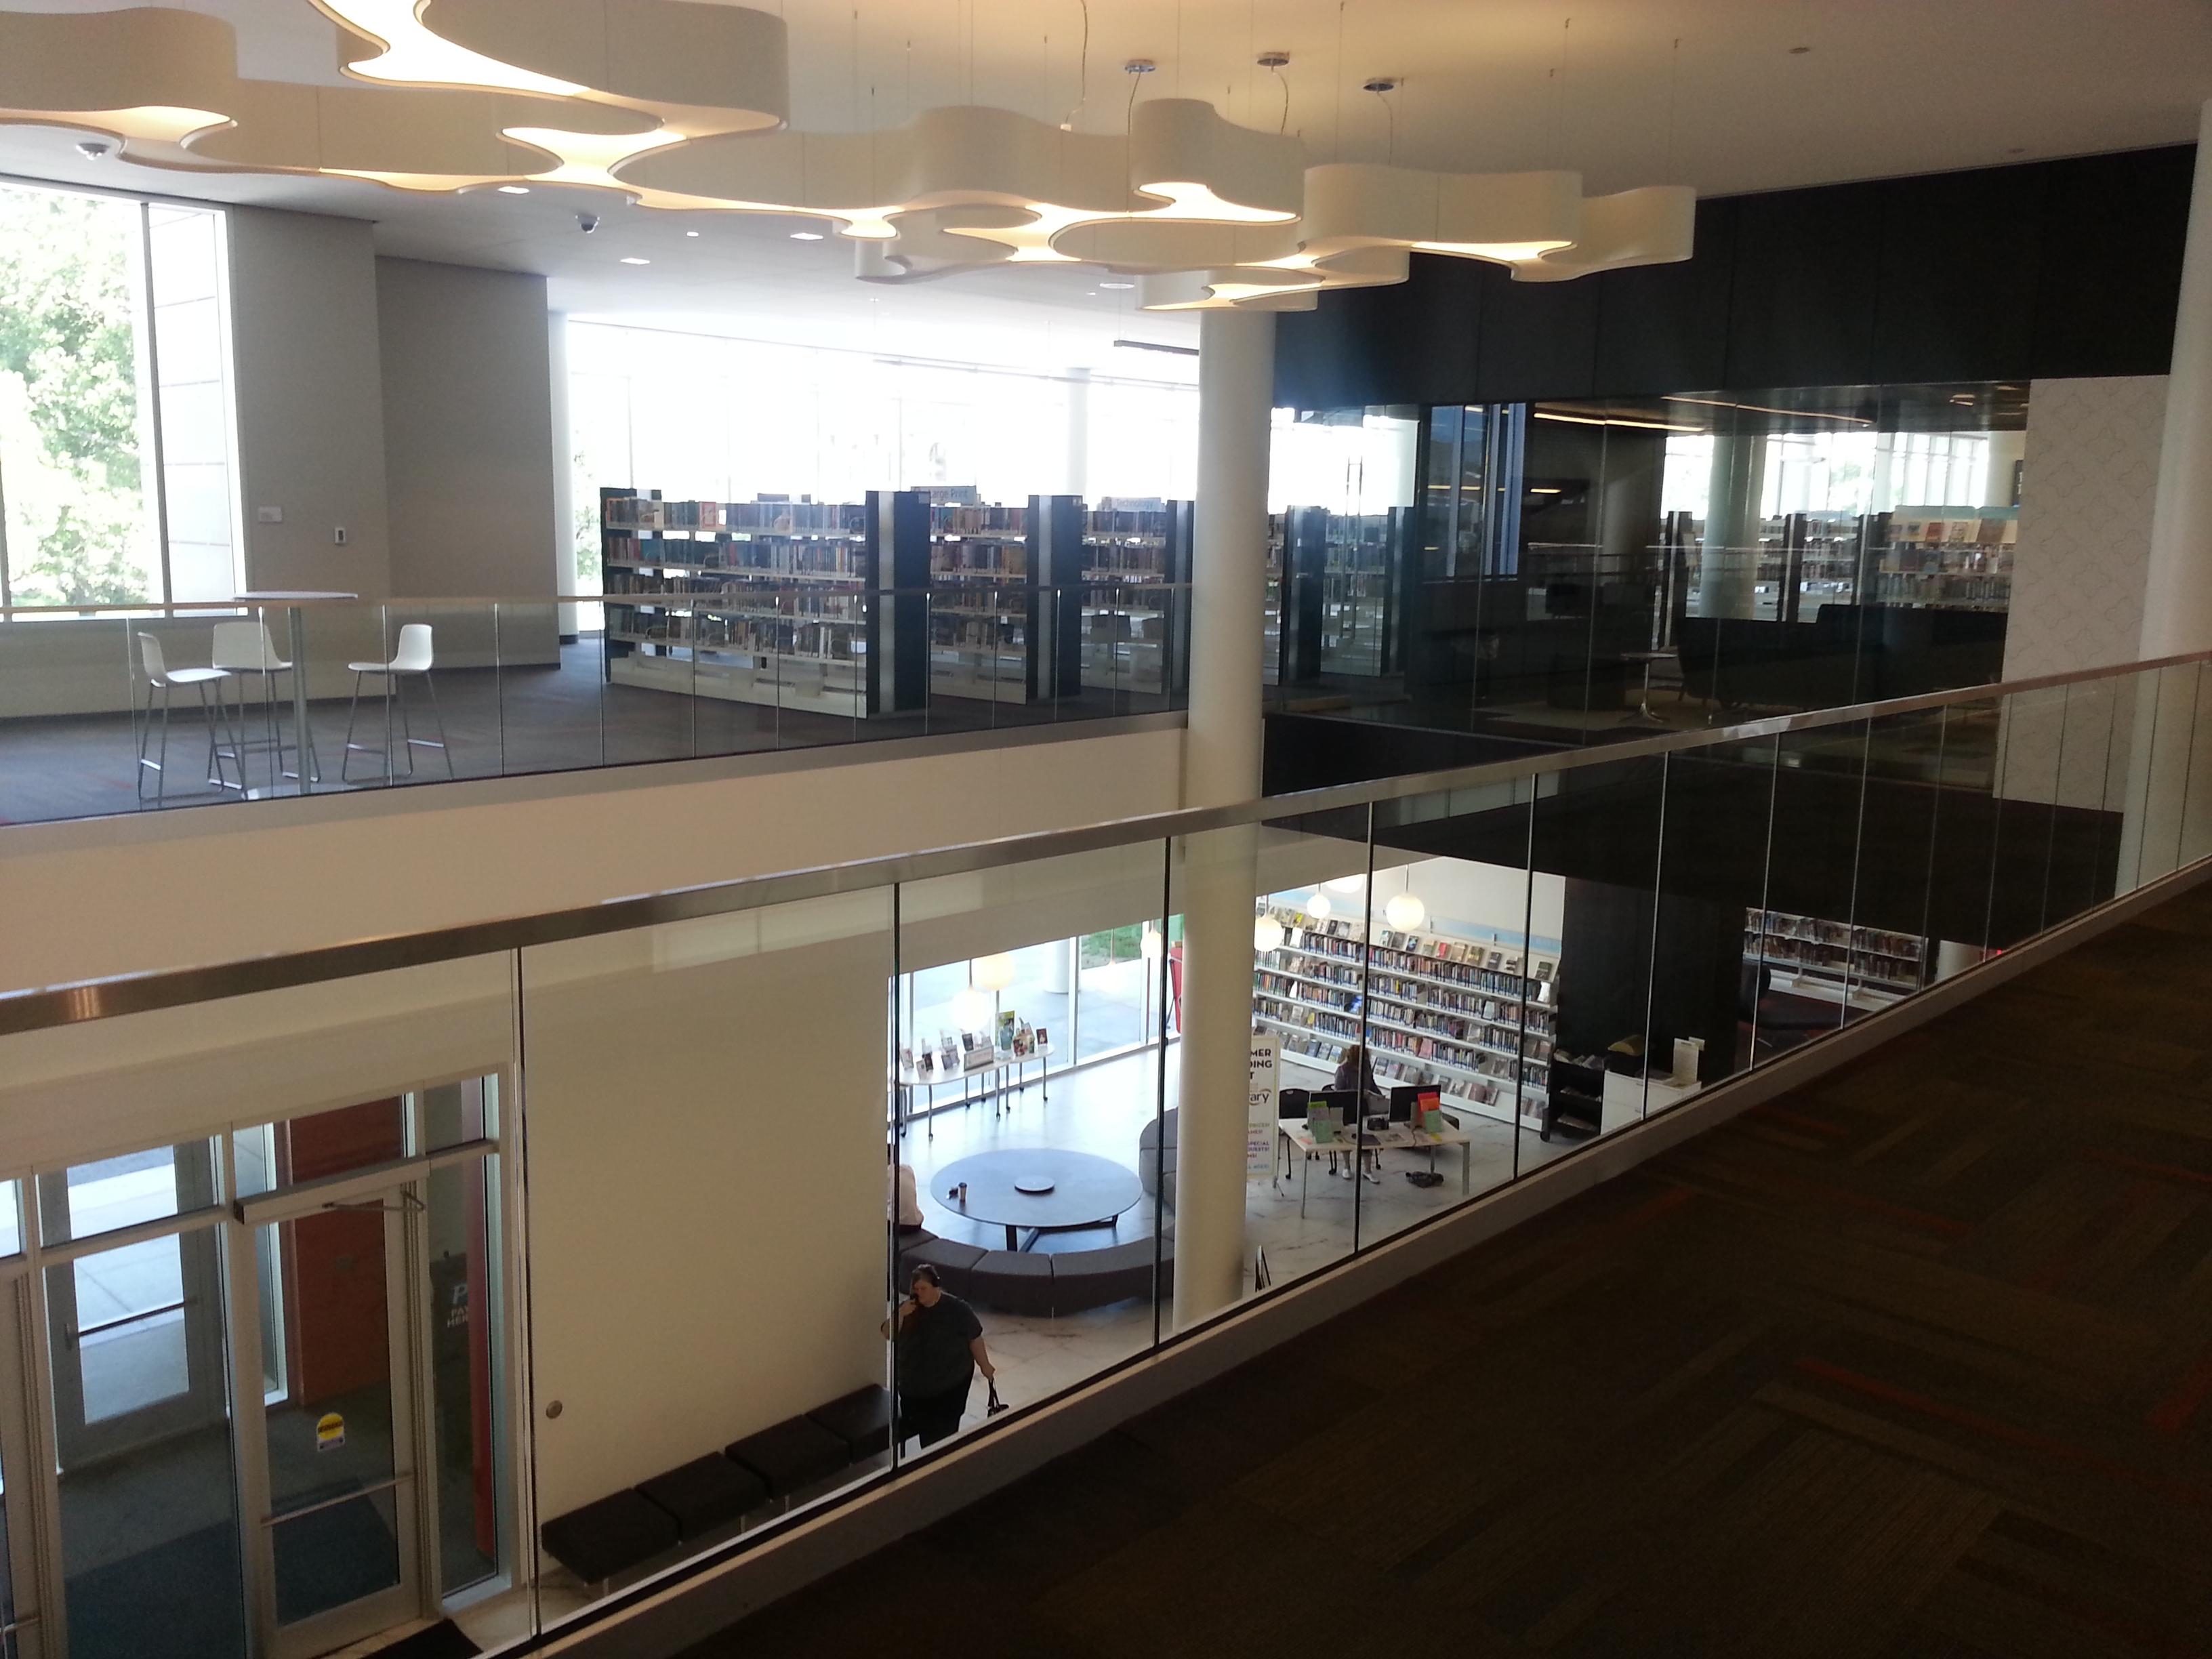 cedar_rapids_library_2